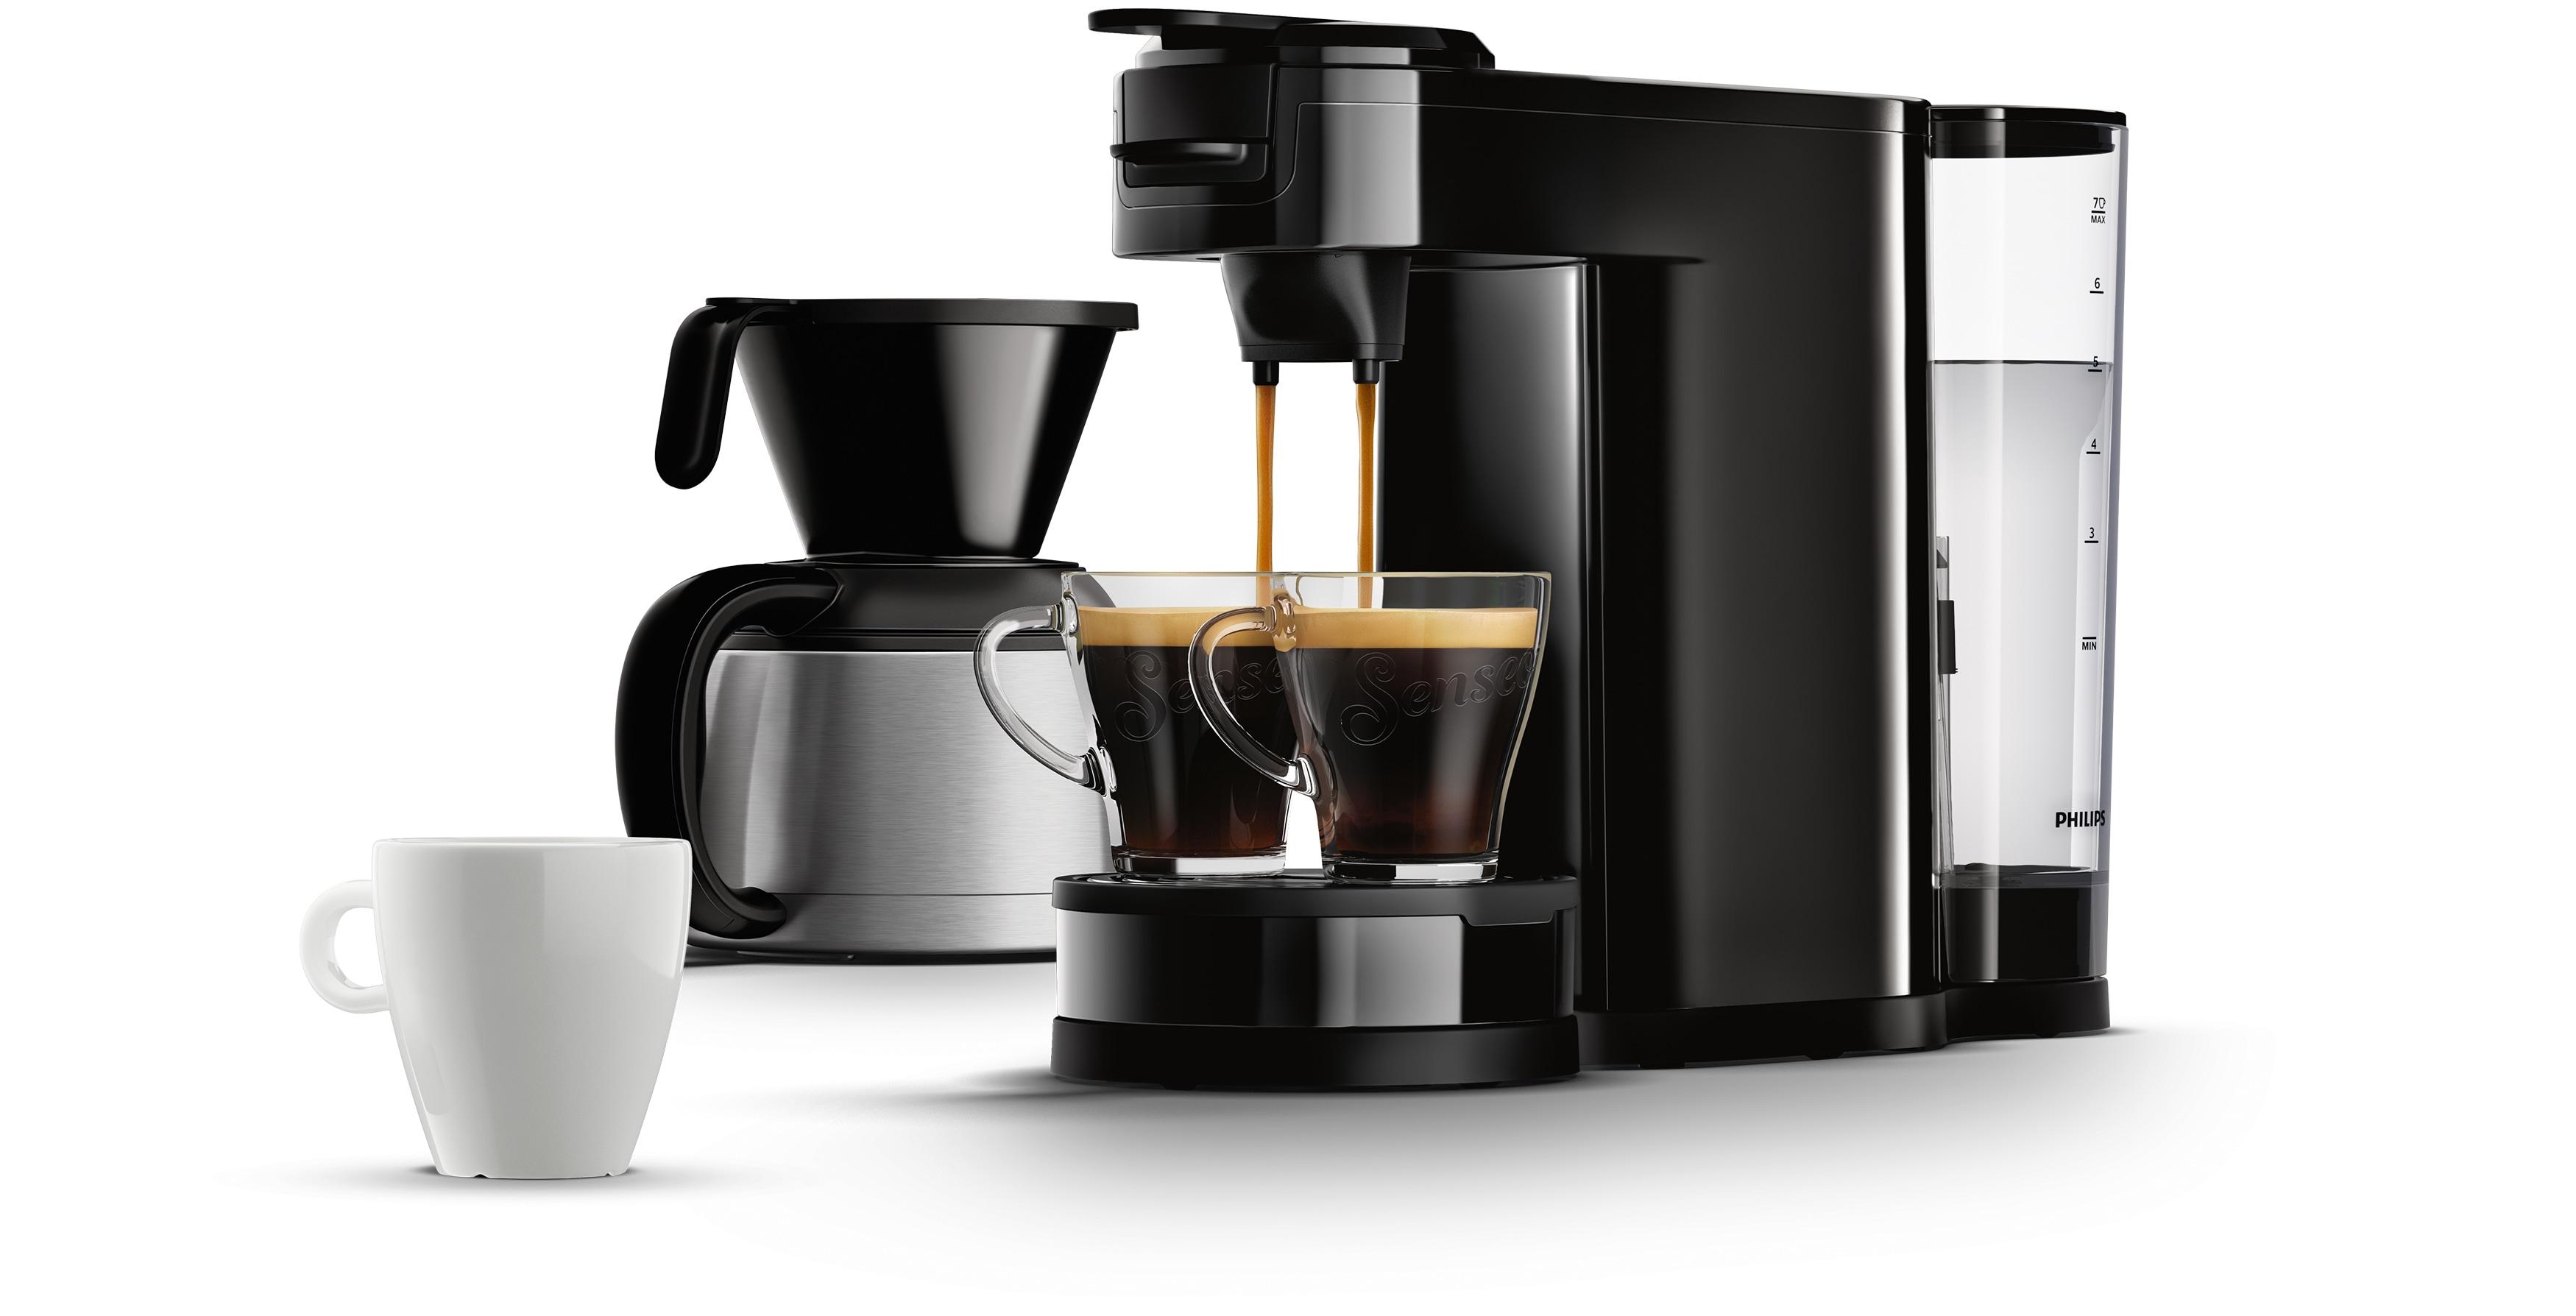 die erste 2 in 1 kaffeemaschine senseo switch f r filterkaffee und pads news center philips. Black Bedroom Furniture Sets. Home Design Ideas